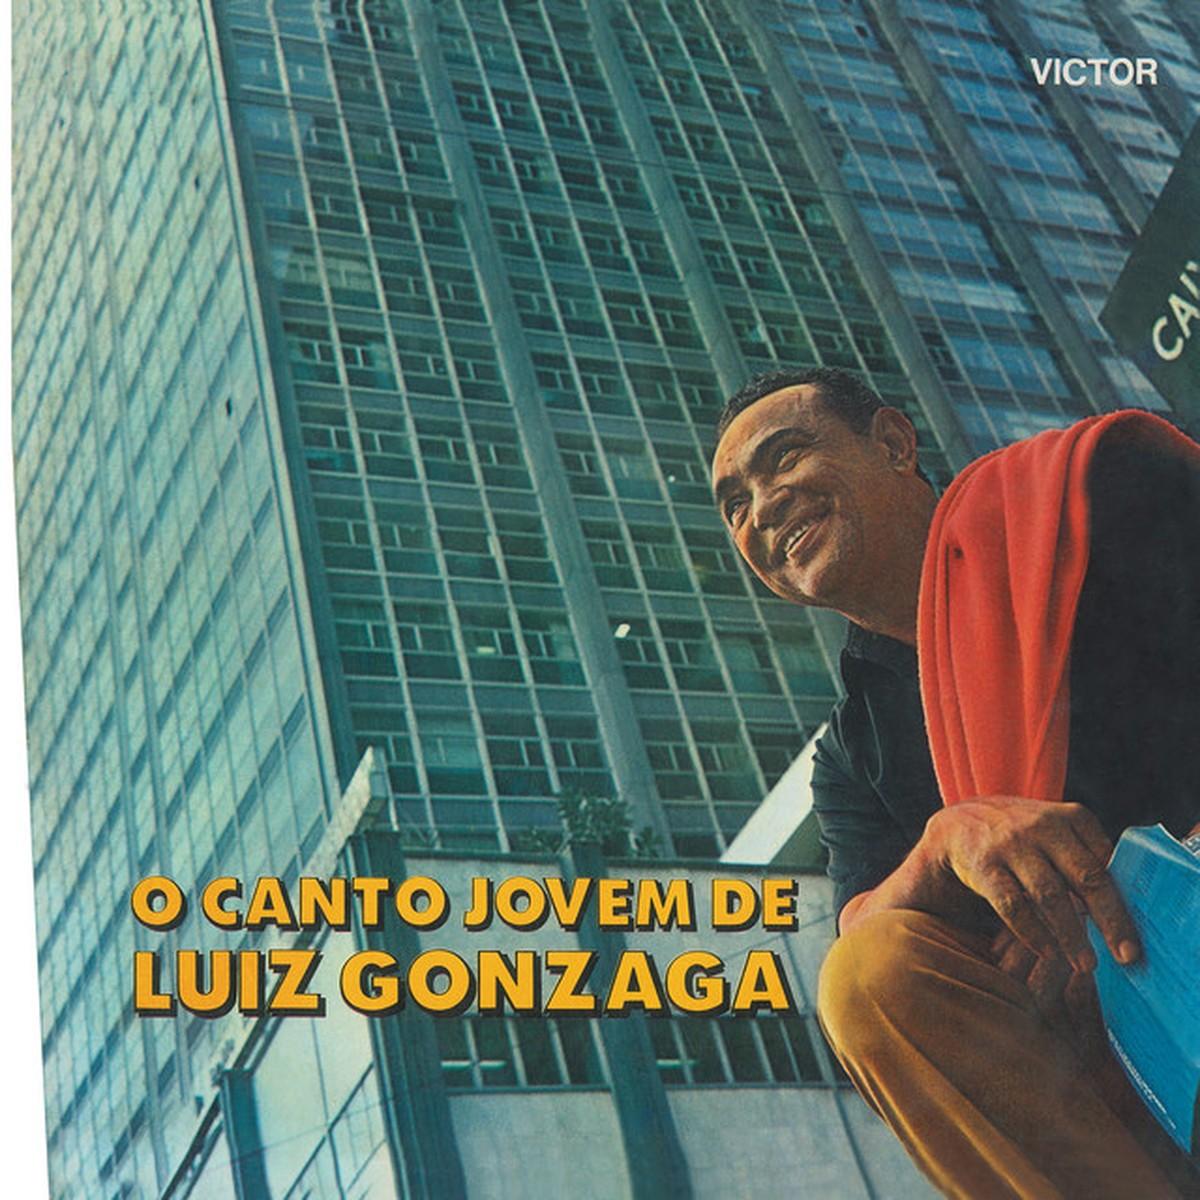 Discos para descobrir em casa – 'O canto jovem de Luiz Gonzaga', Luiz Gonzaga, 1971 | Blog do Mauro Ferreira